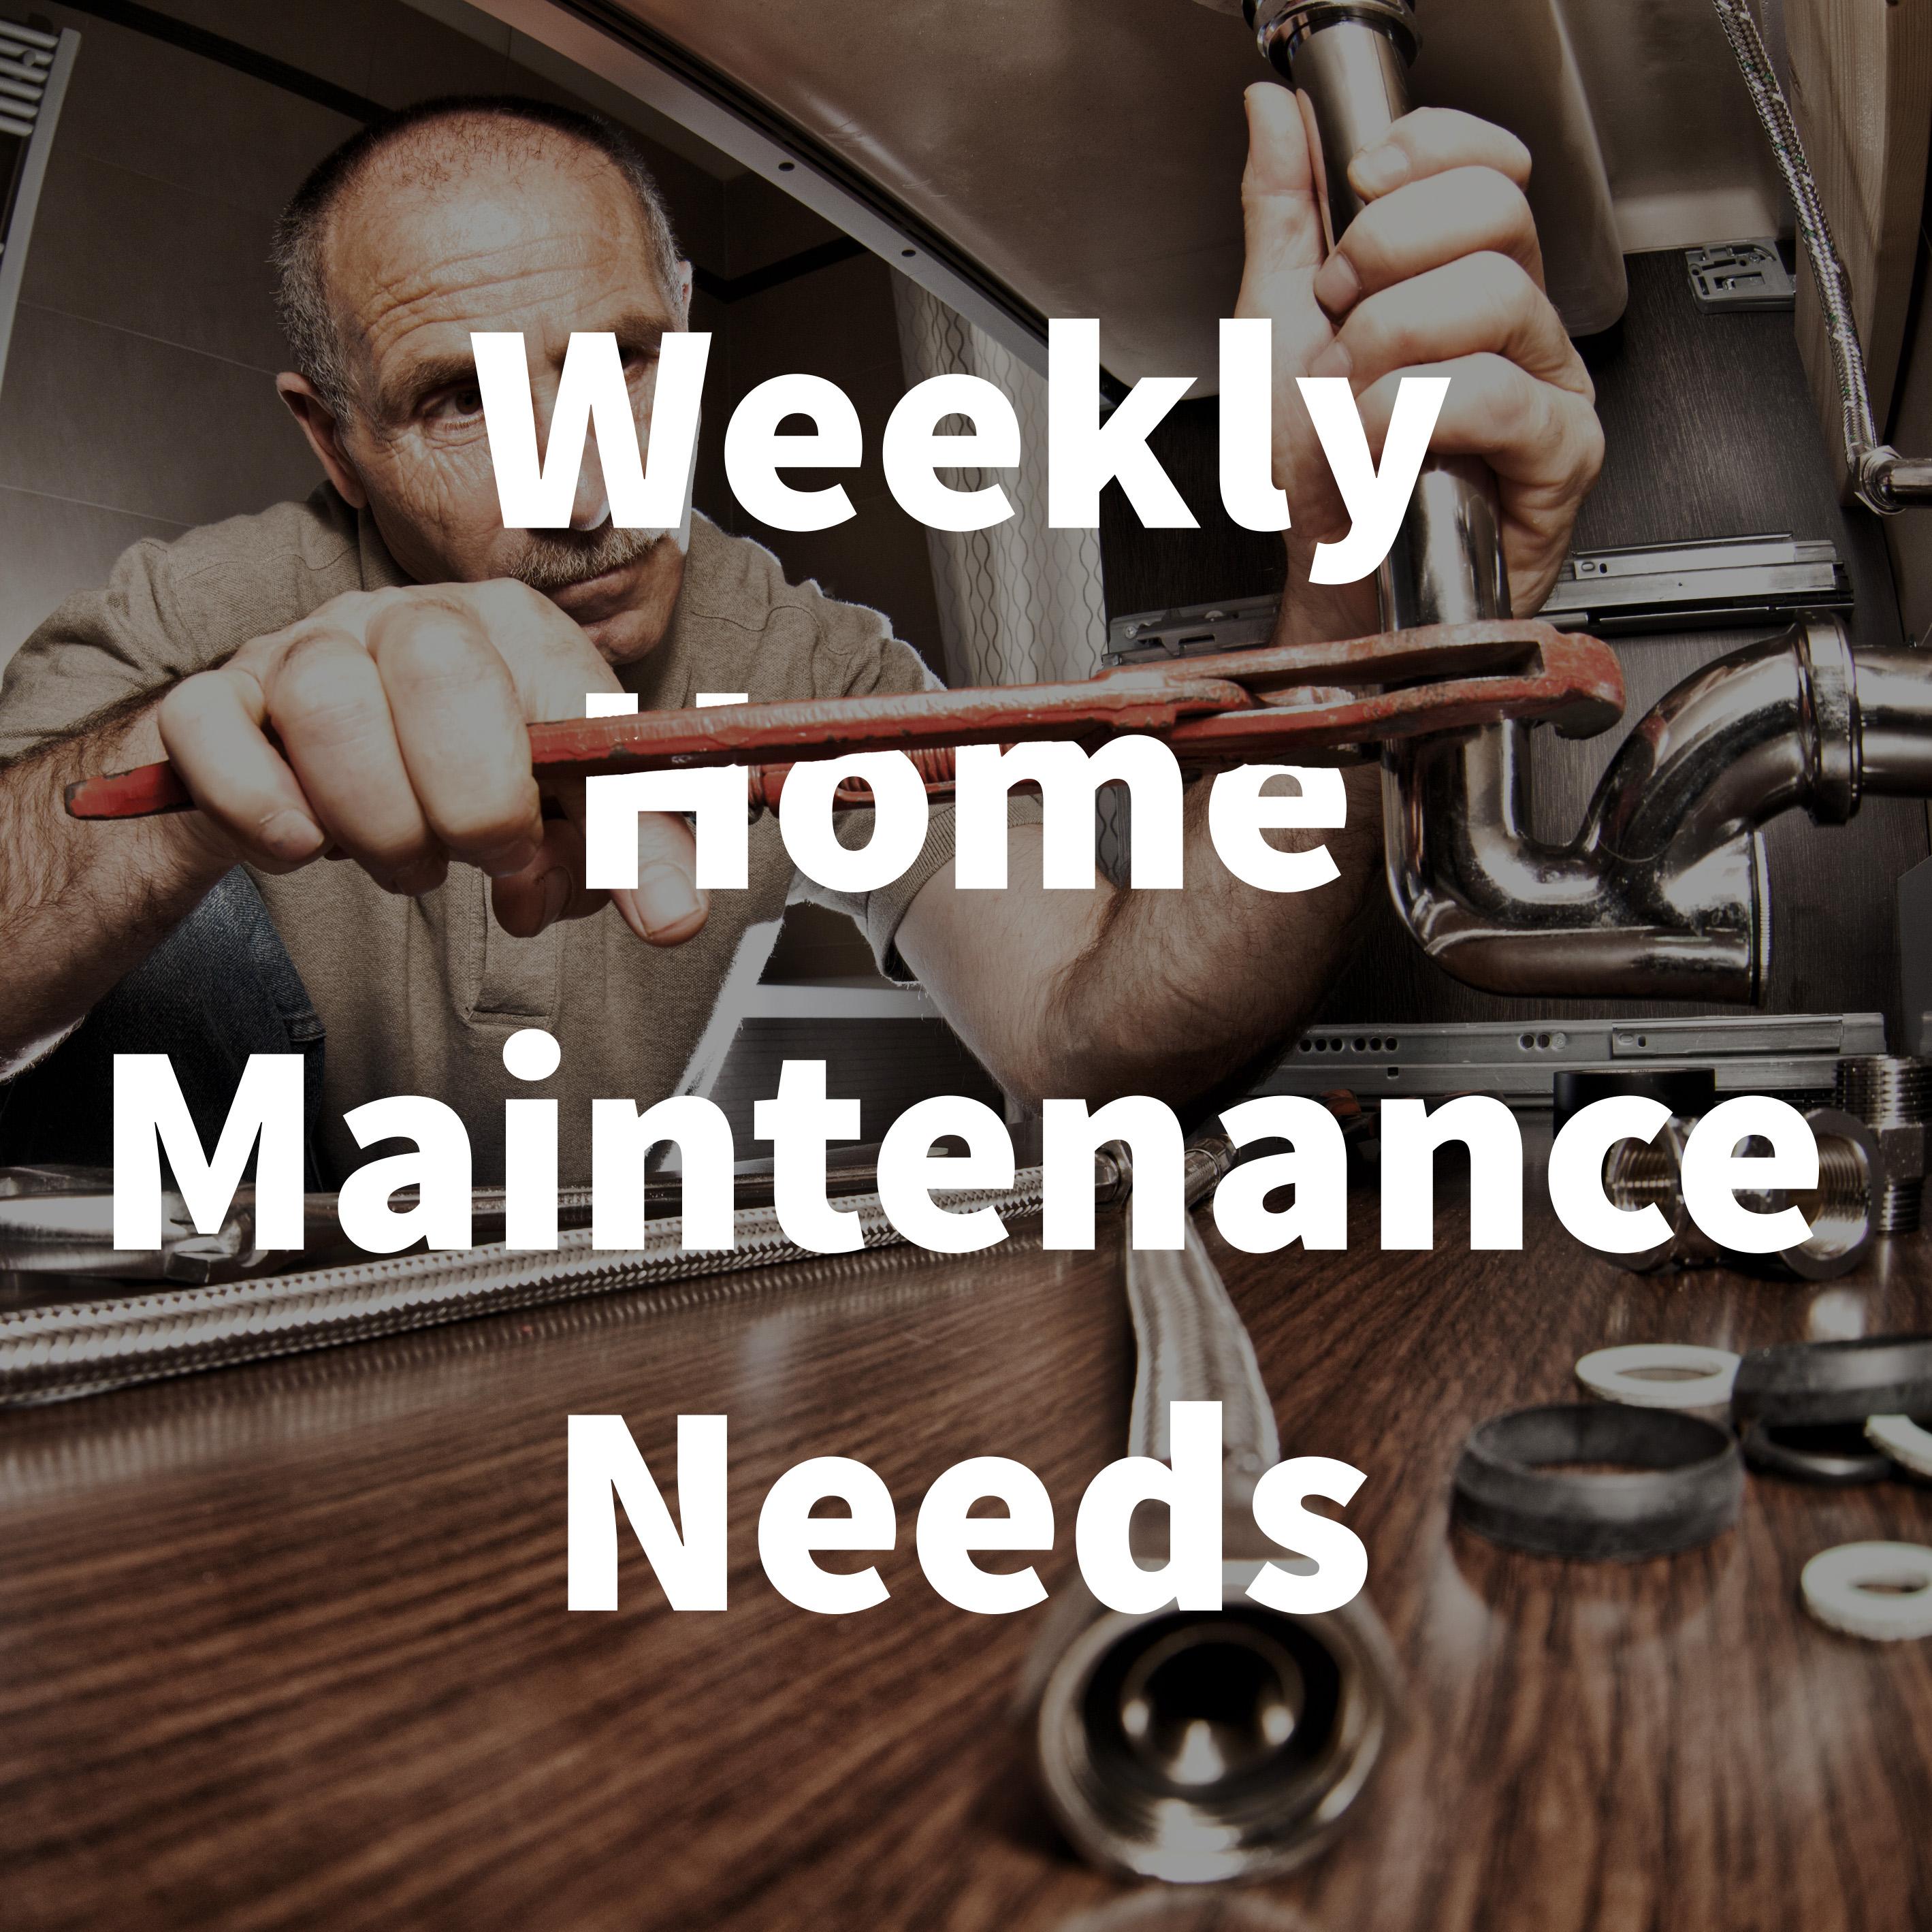 Weekly Home maintenance Blog.jpg